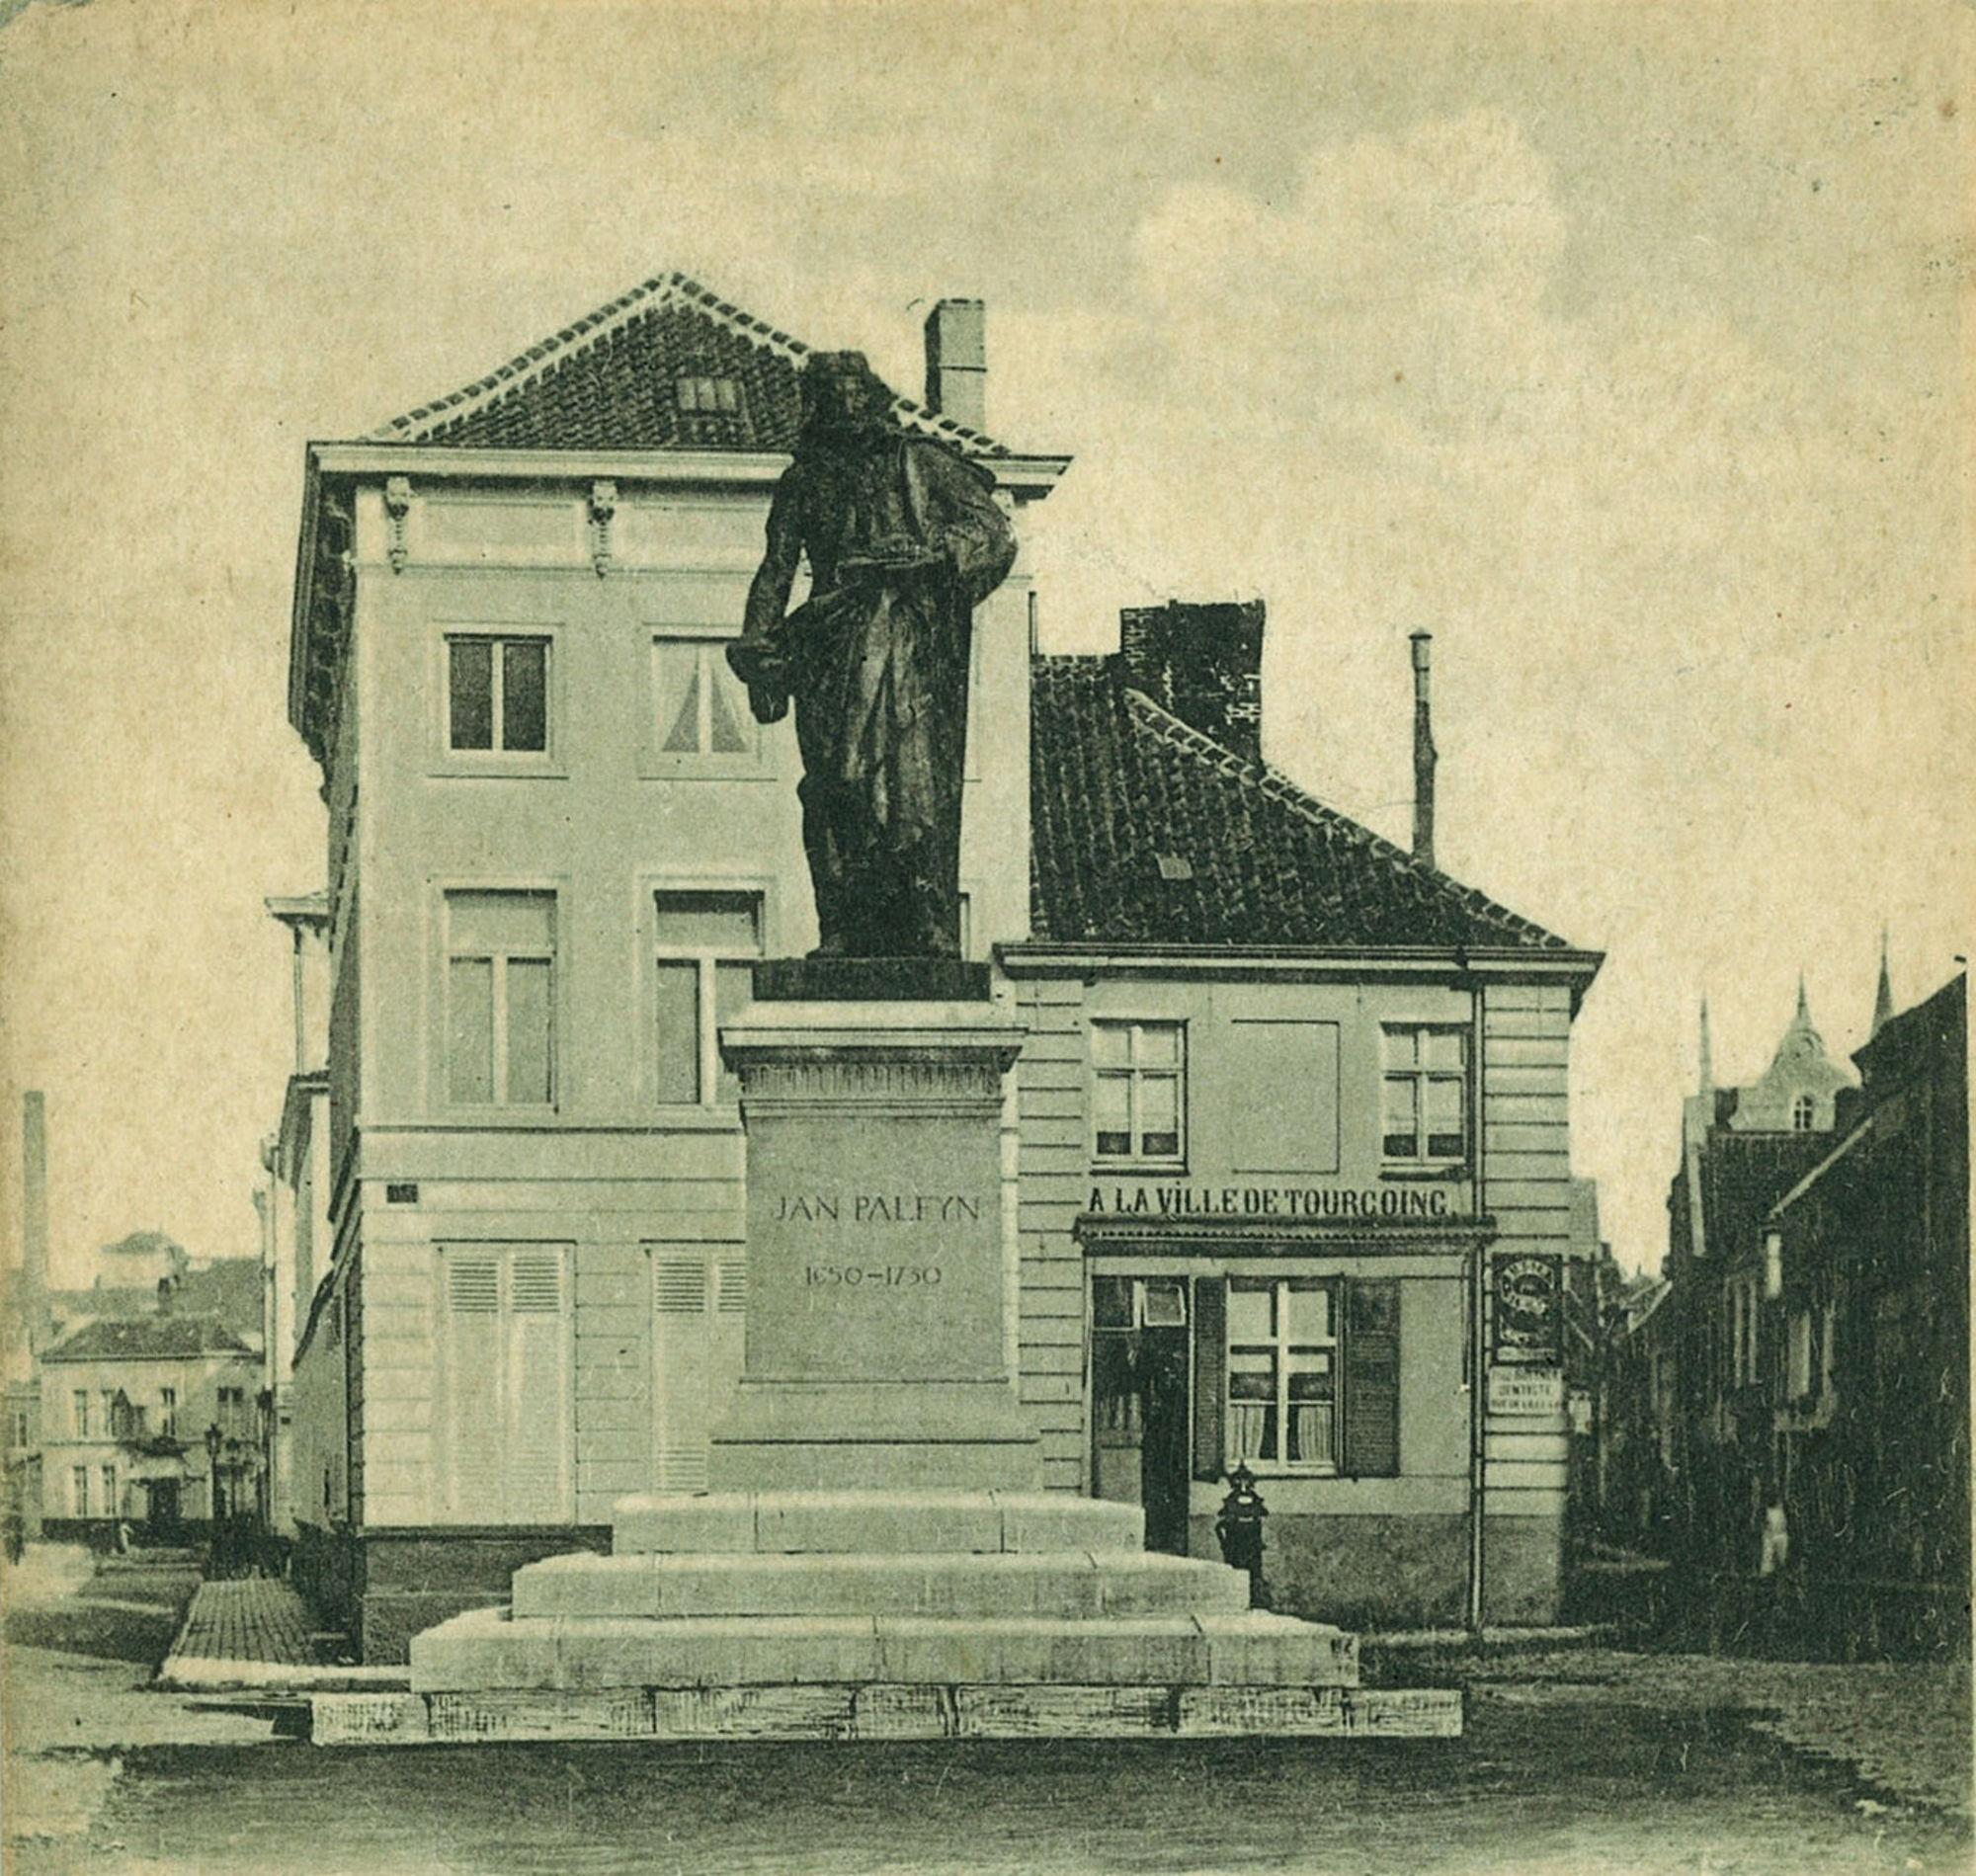 Het monument Jan Palfijn